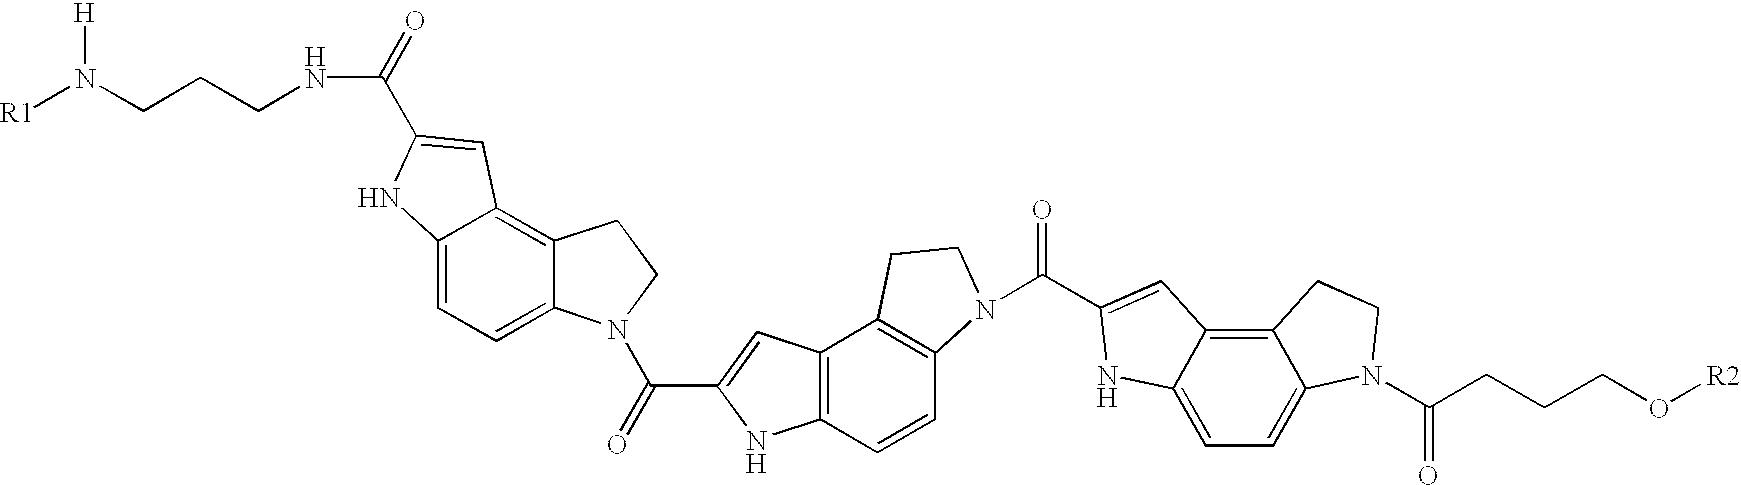 Figure US06472153-20021029-C00032